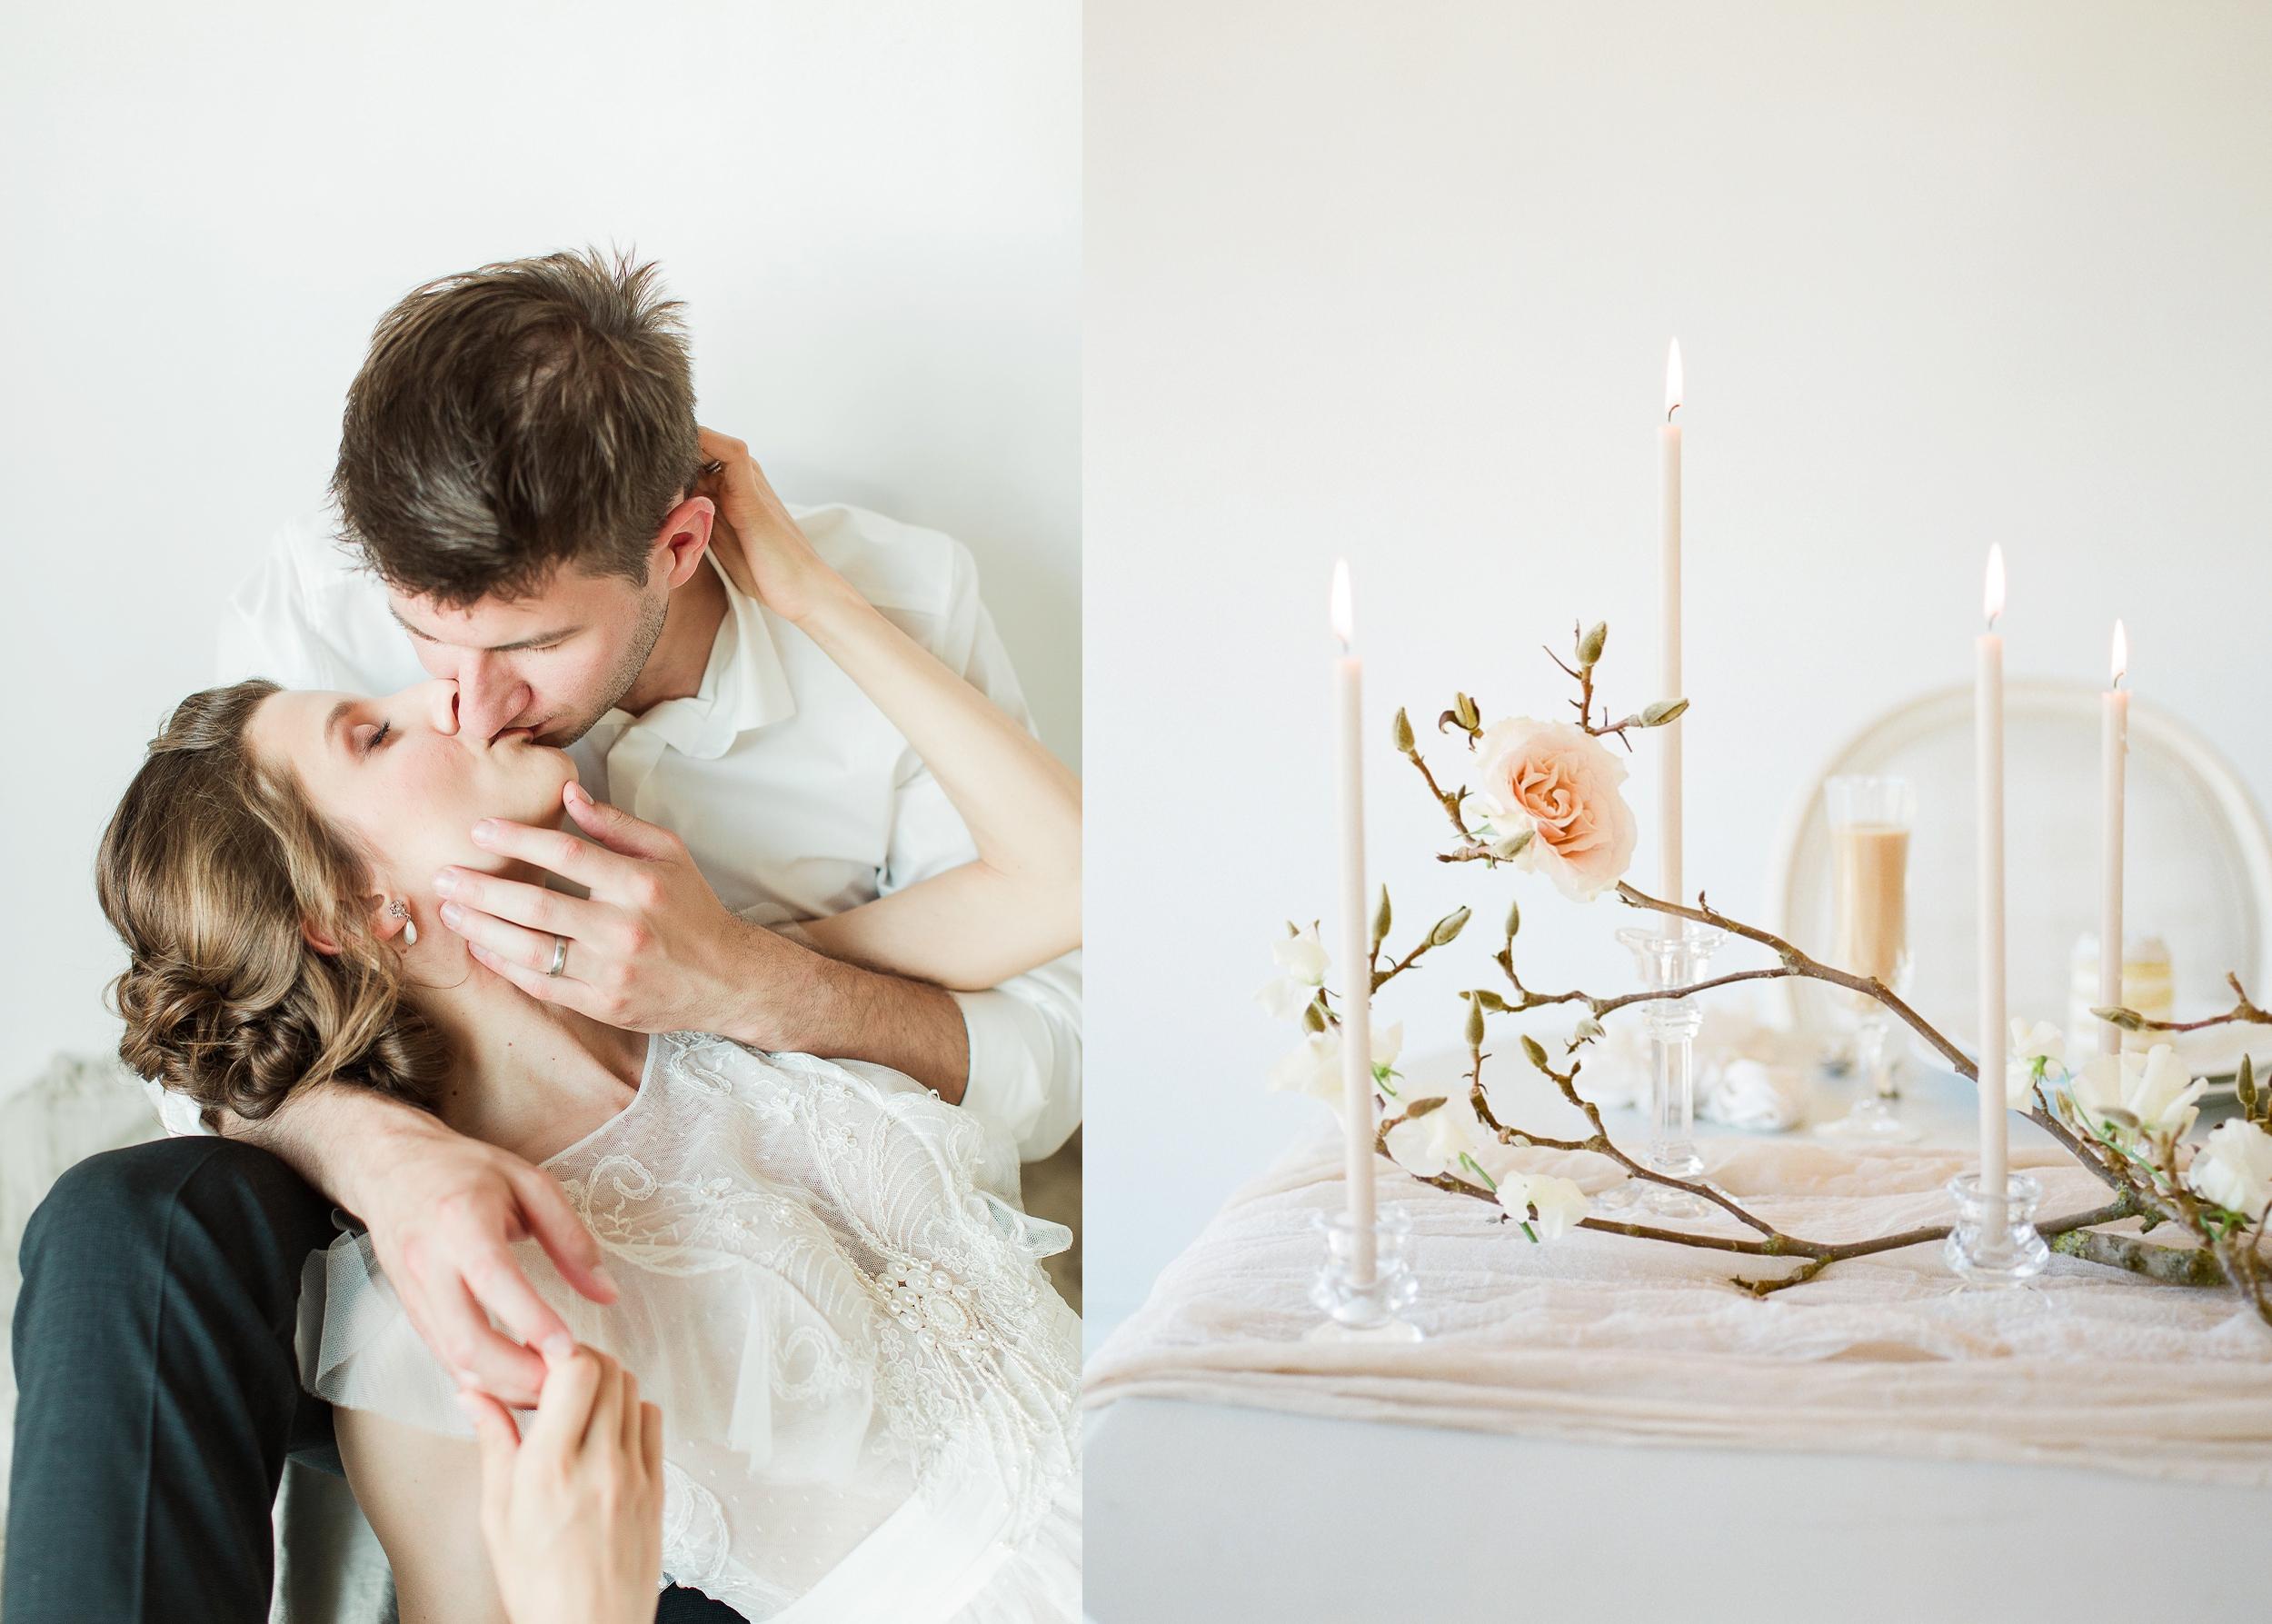 Studio Afterwedding shoot in Hennef with  Suesse poesie - Tanja Kibogo (31).JPG